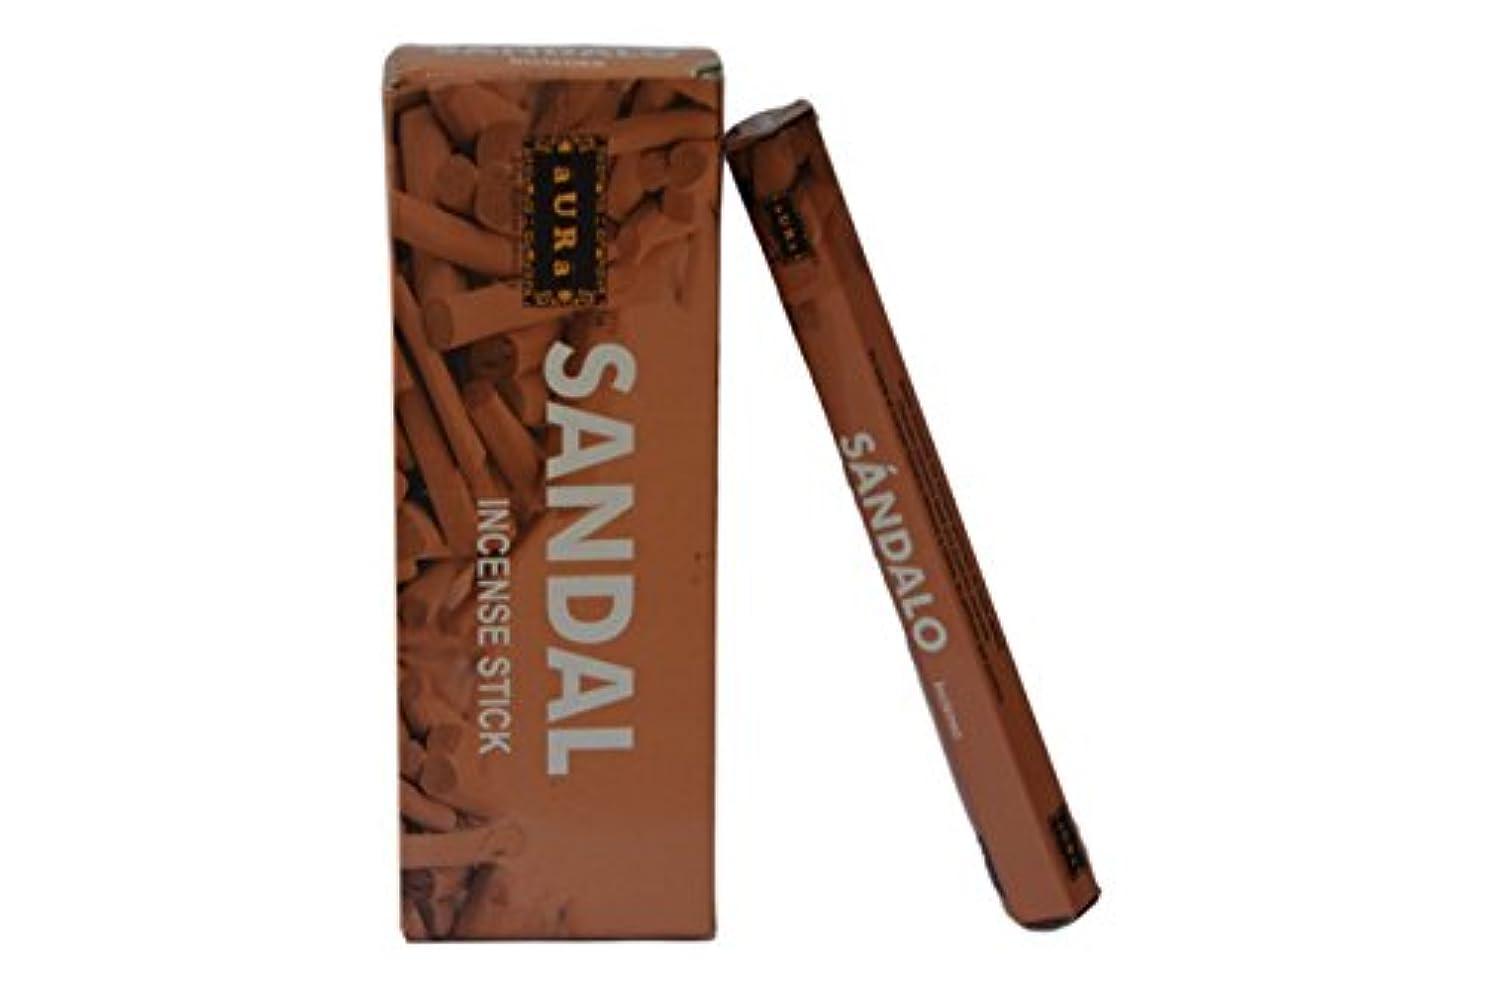 水っぽい盟主柔らかいオーラサンダル香りつきIncense Sticks、プレミアム天然Incense Sticks、六角packing- 120 Sticks